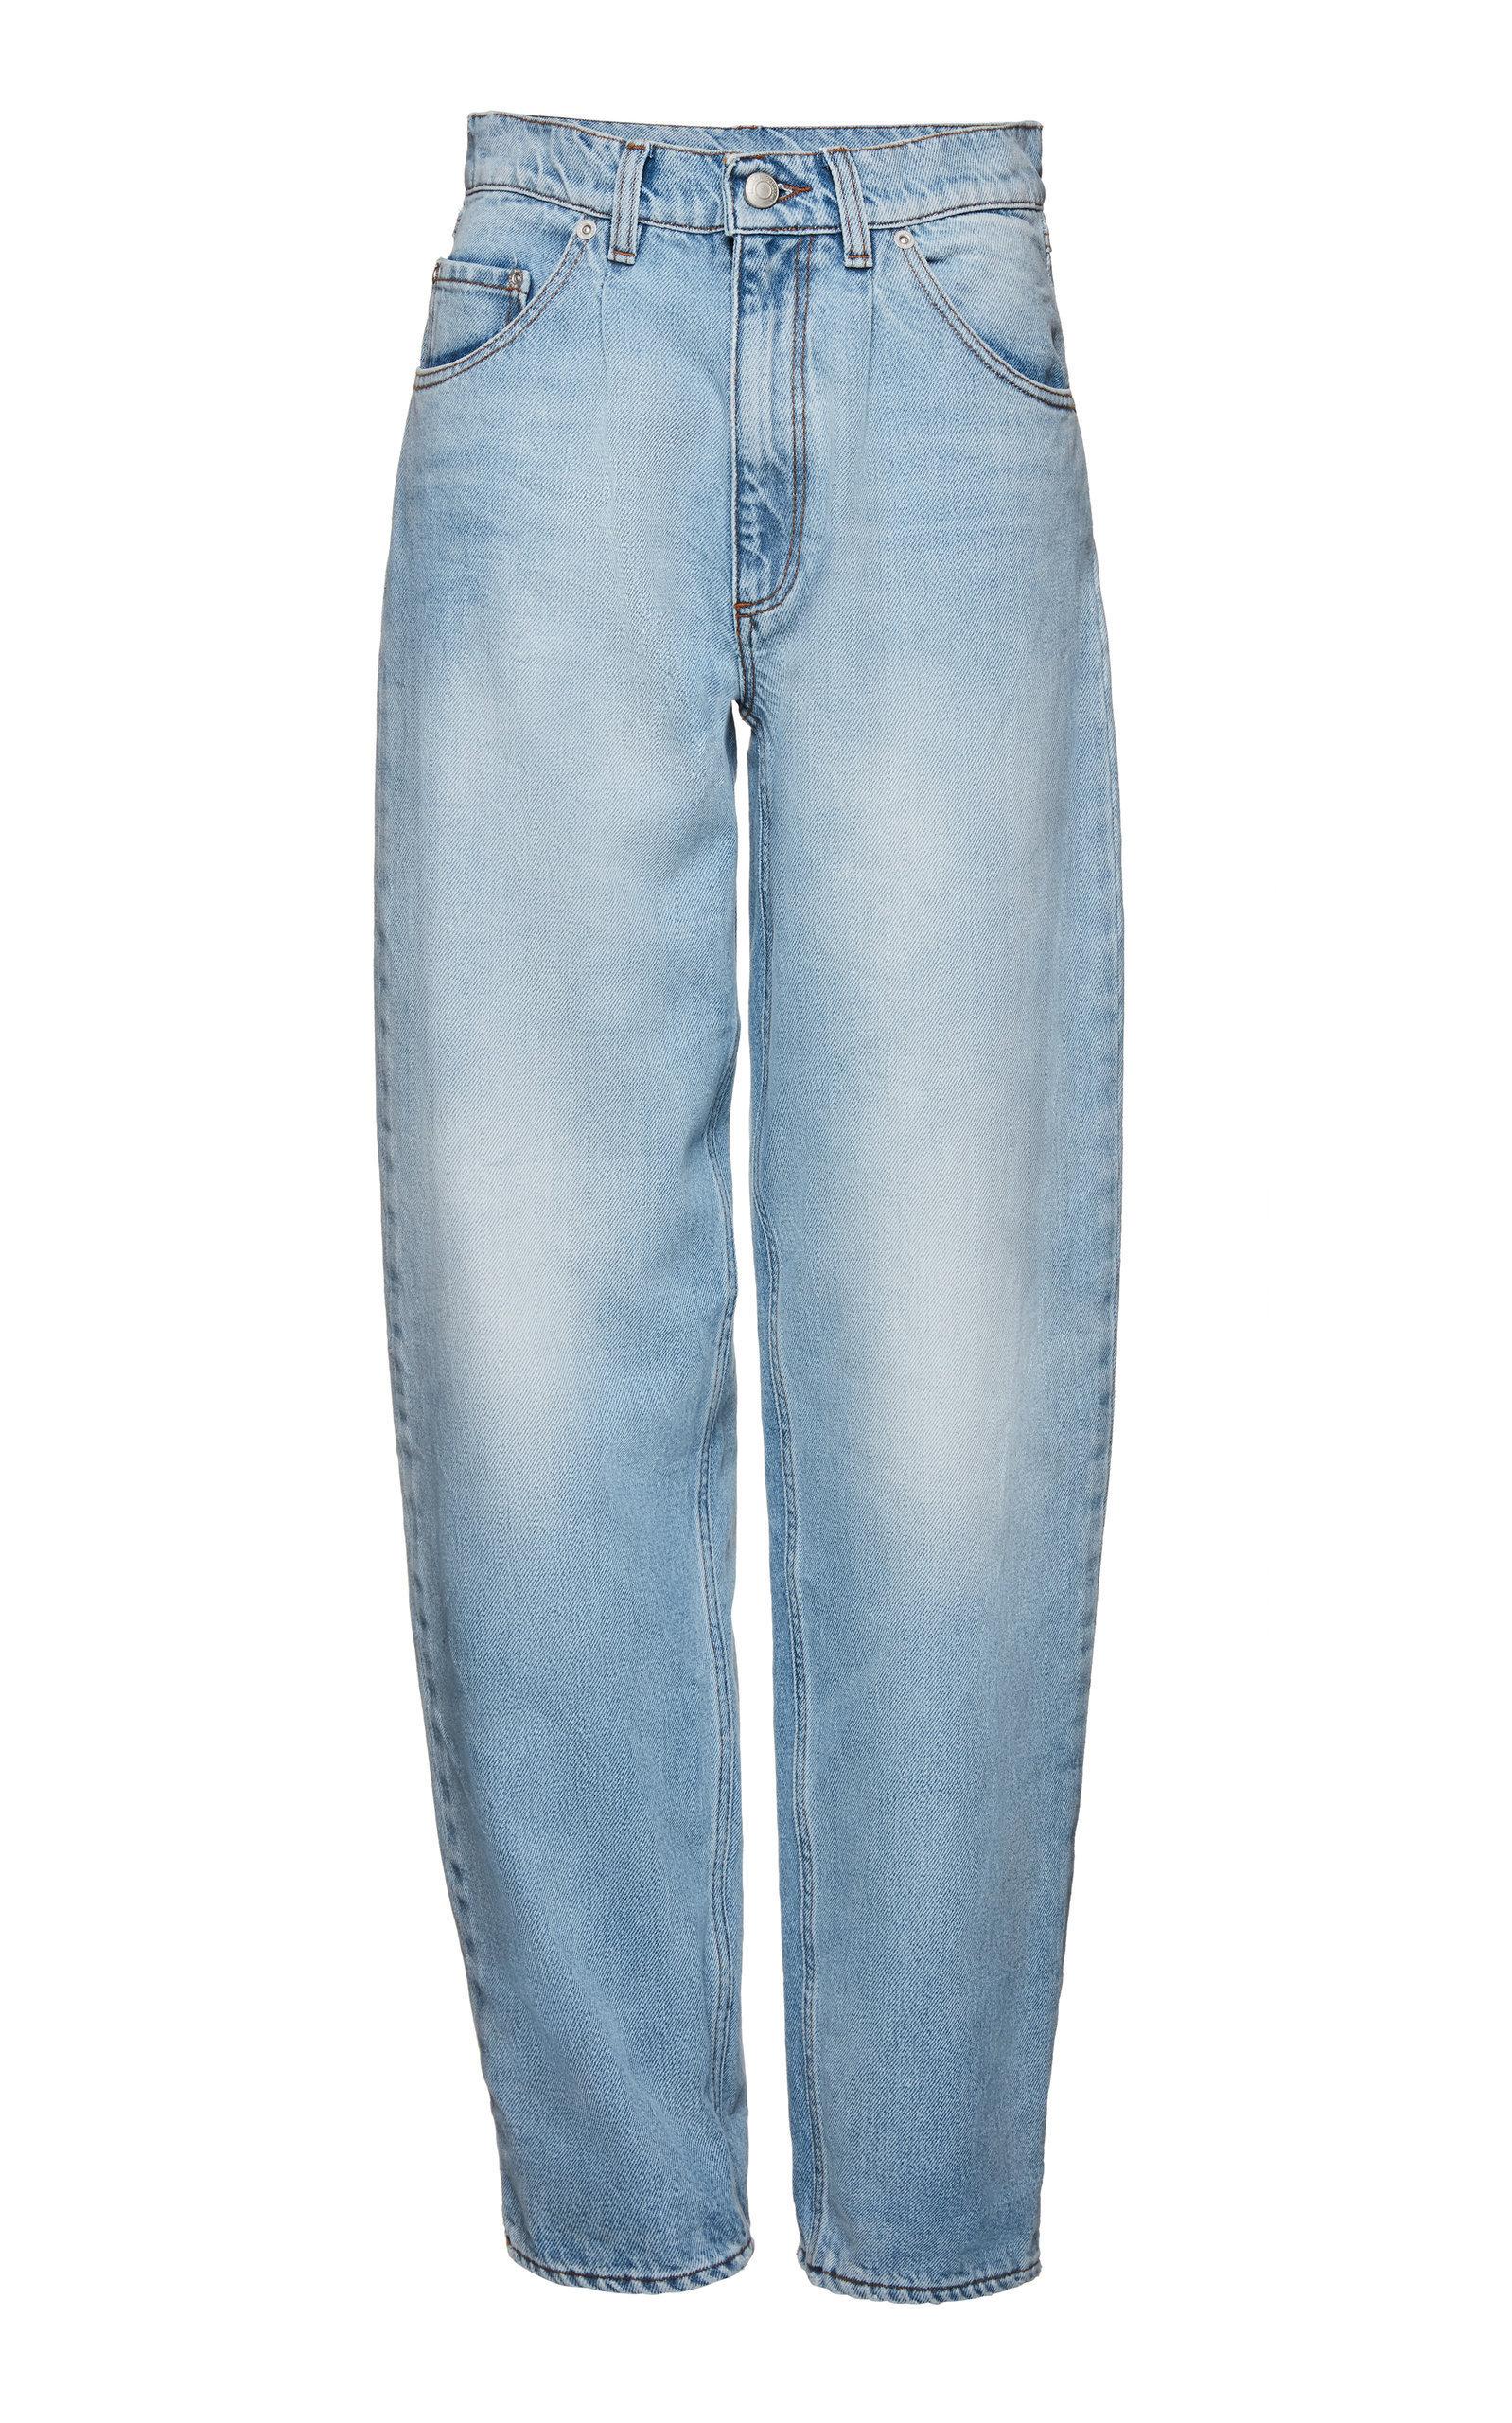 Magda Butrym Jeans, $450